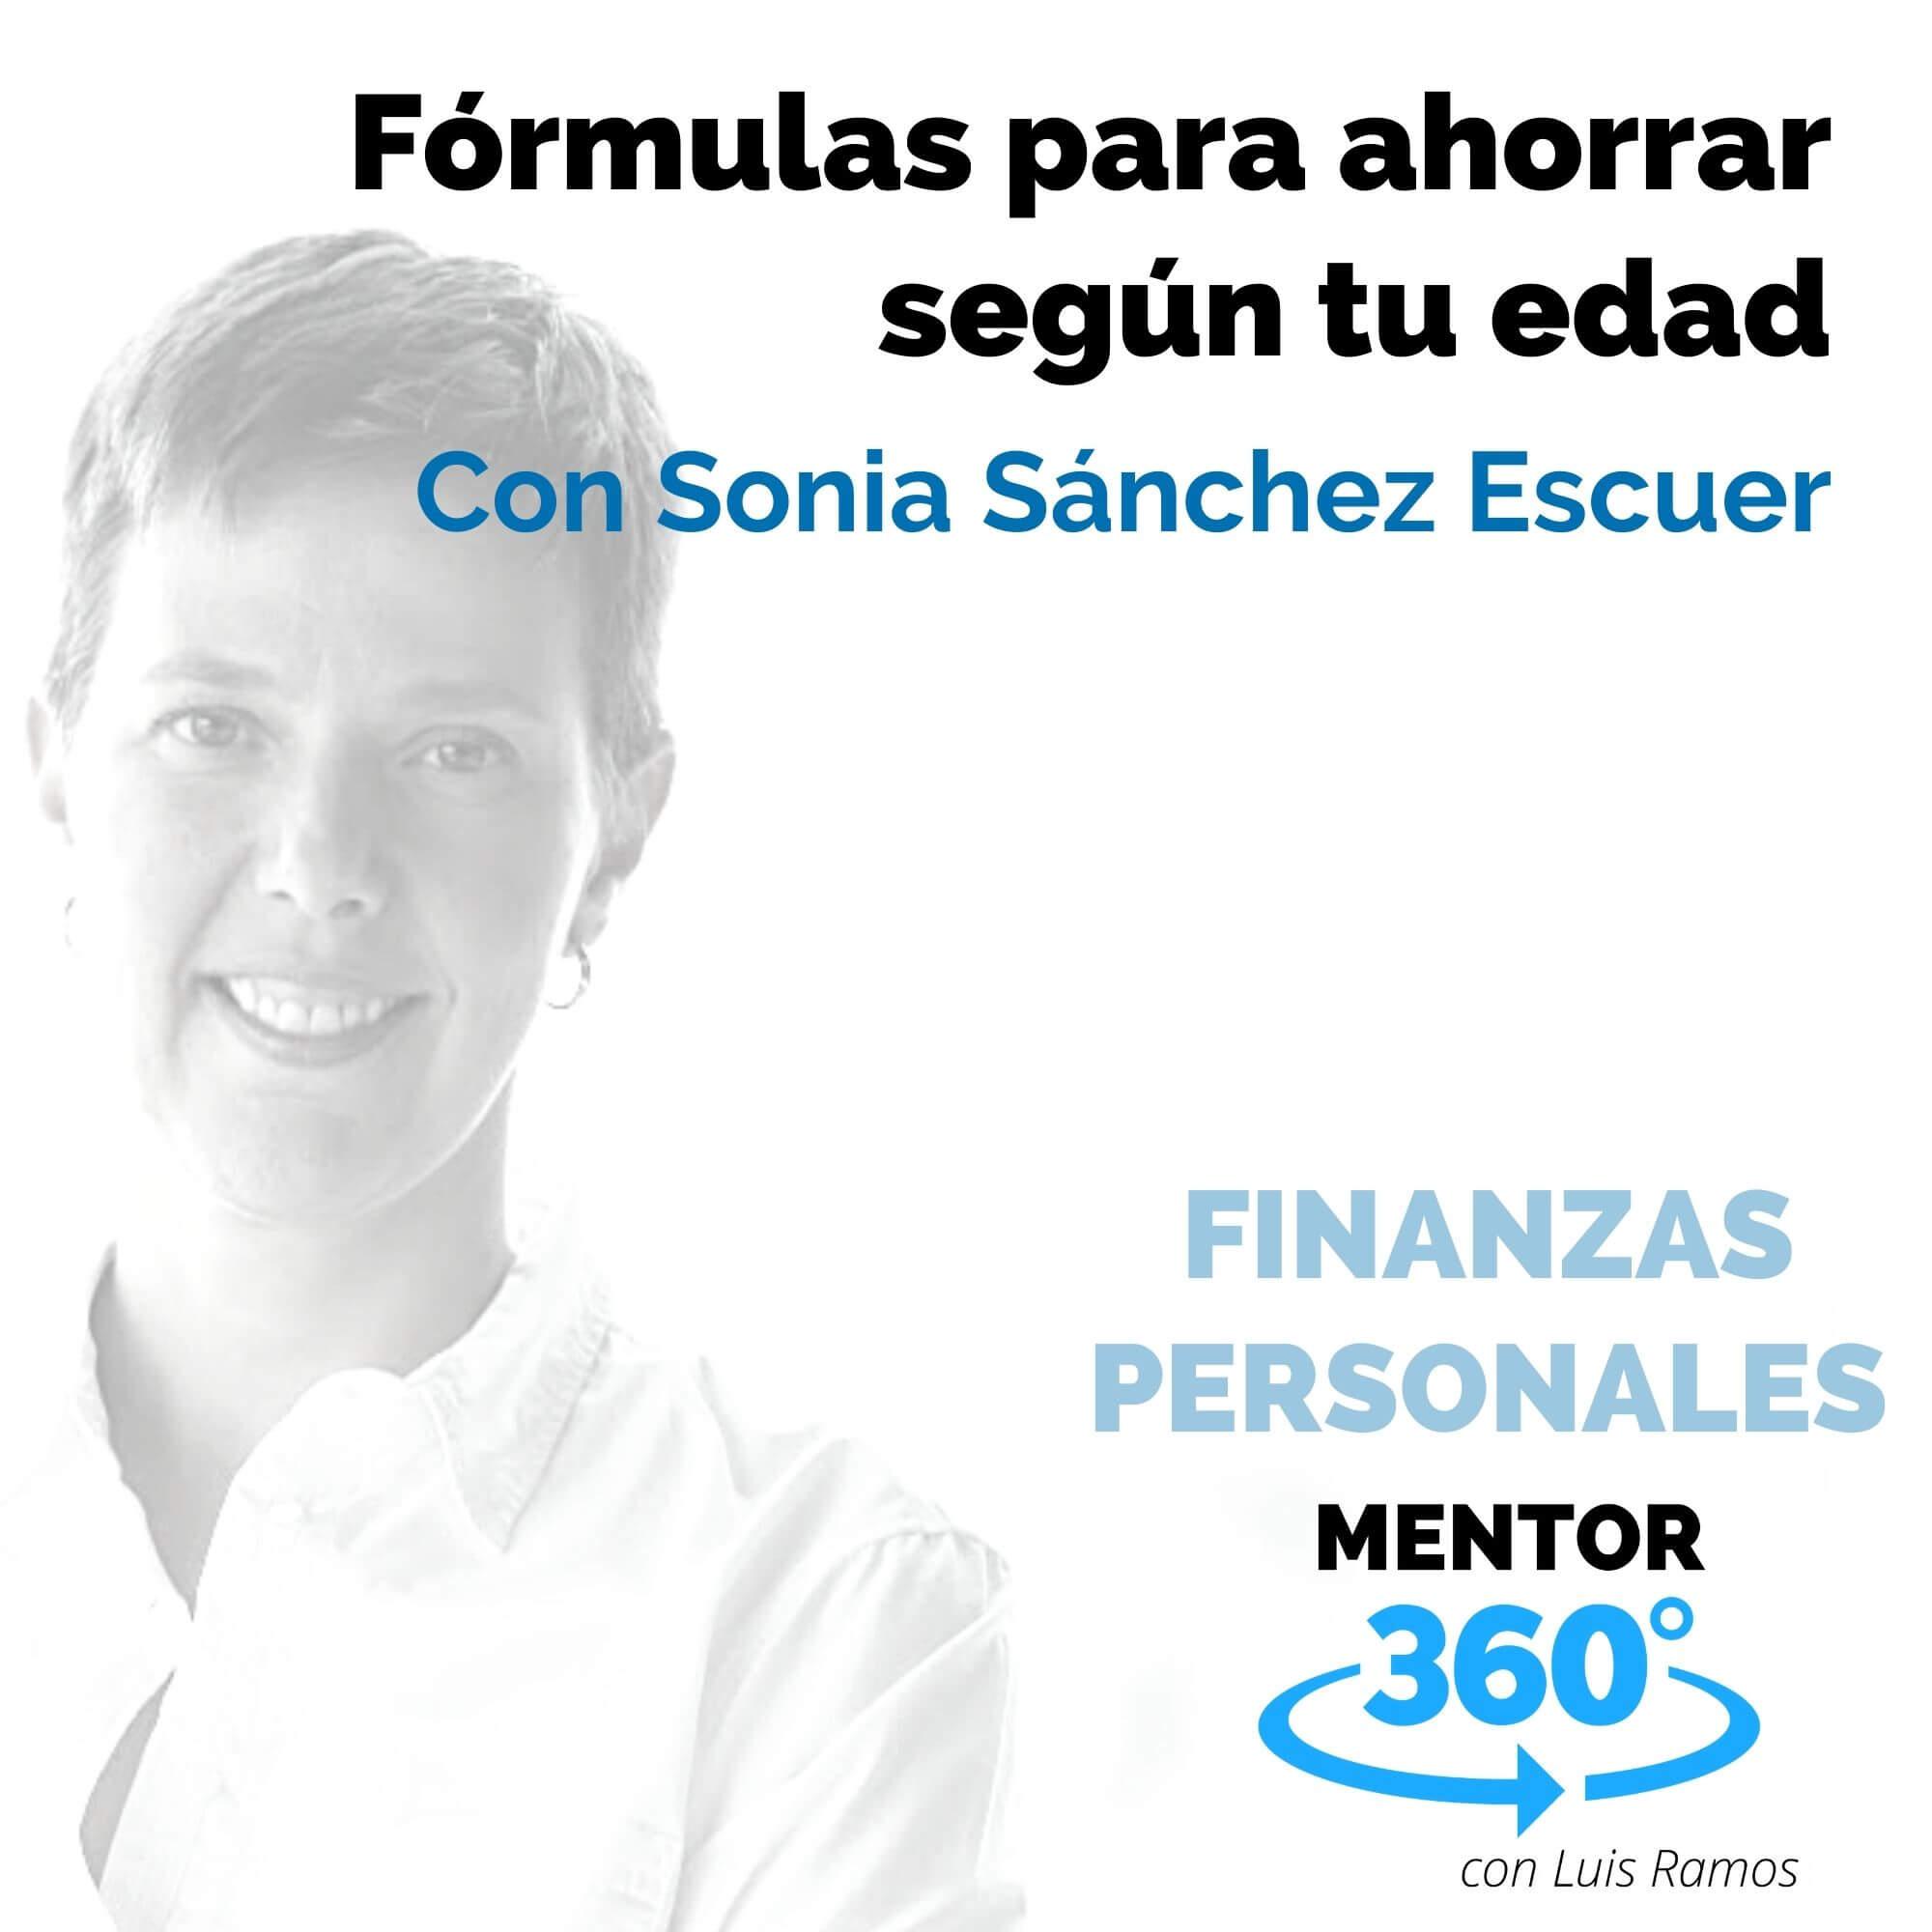 Fórmulas para Ahorrar Según Tu Edad, con Sonia Sánchez Escuer - MENTOR360